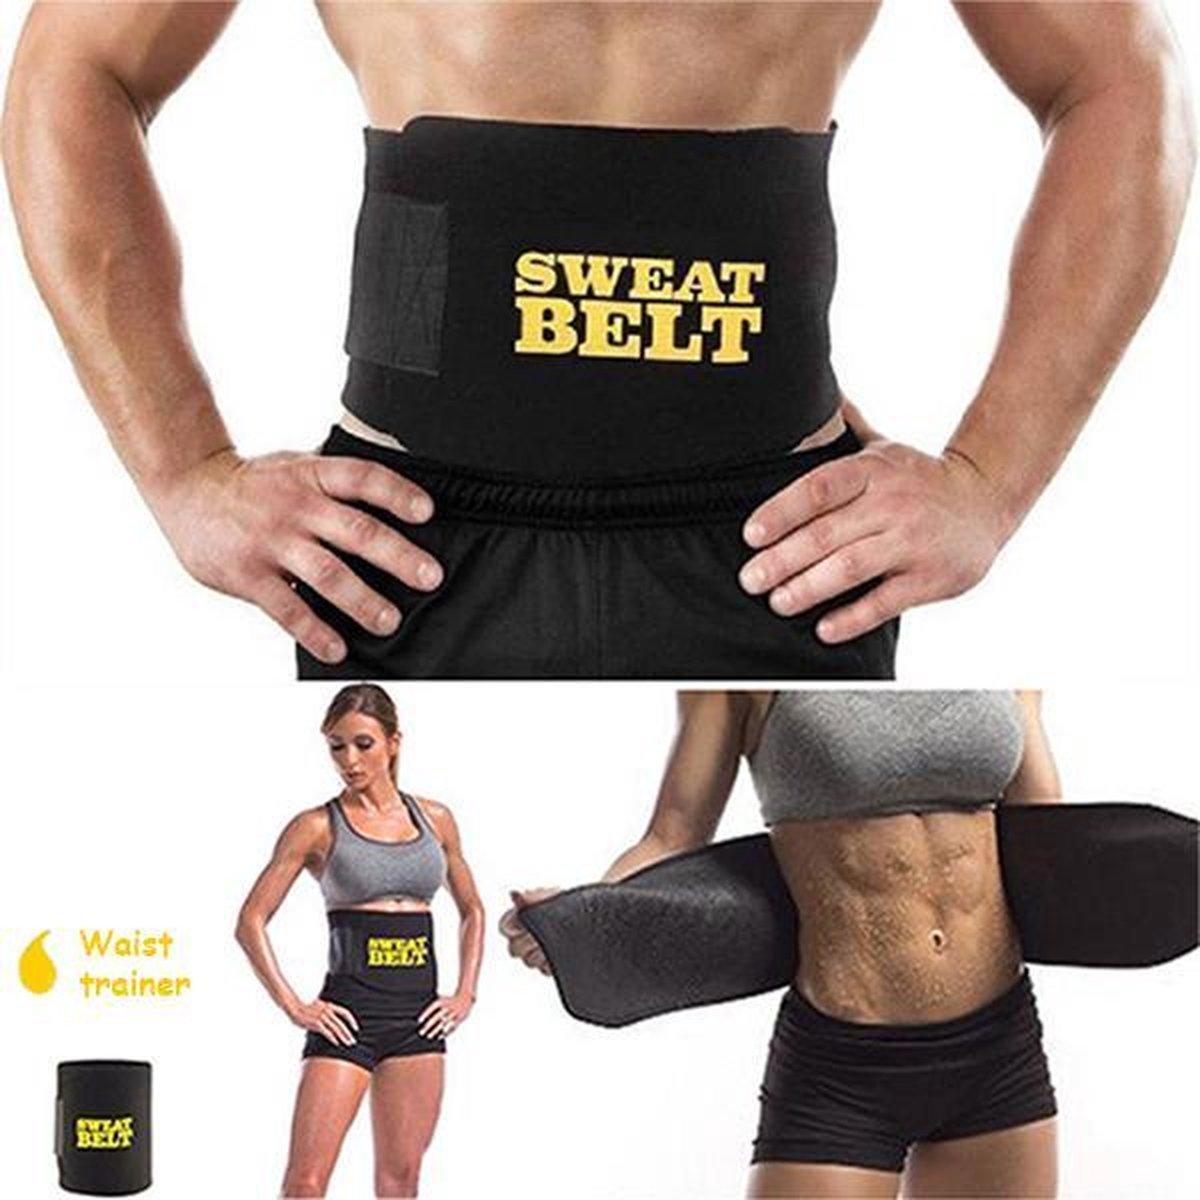 Sauna belt – Waist trainer – Waist shaper – Afslank band – Corset – Zweetband – Sweat belt – Afslank